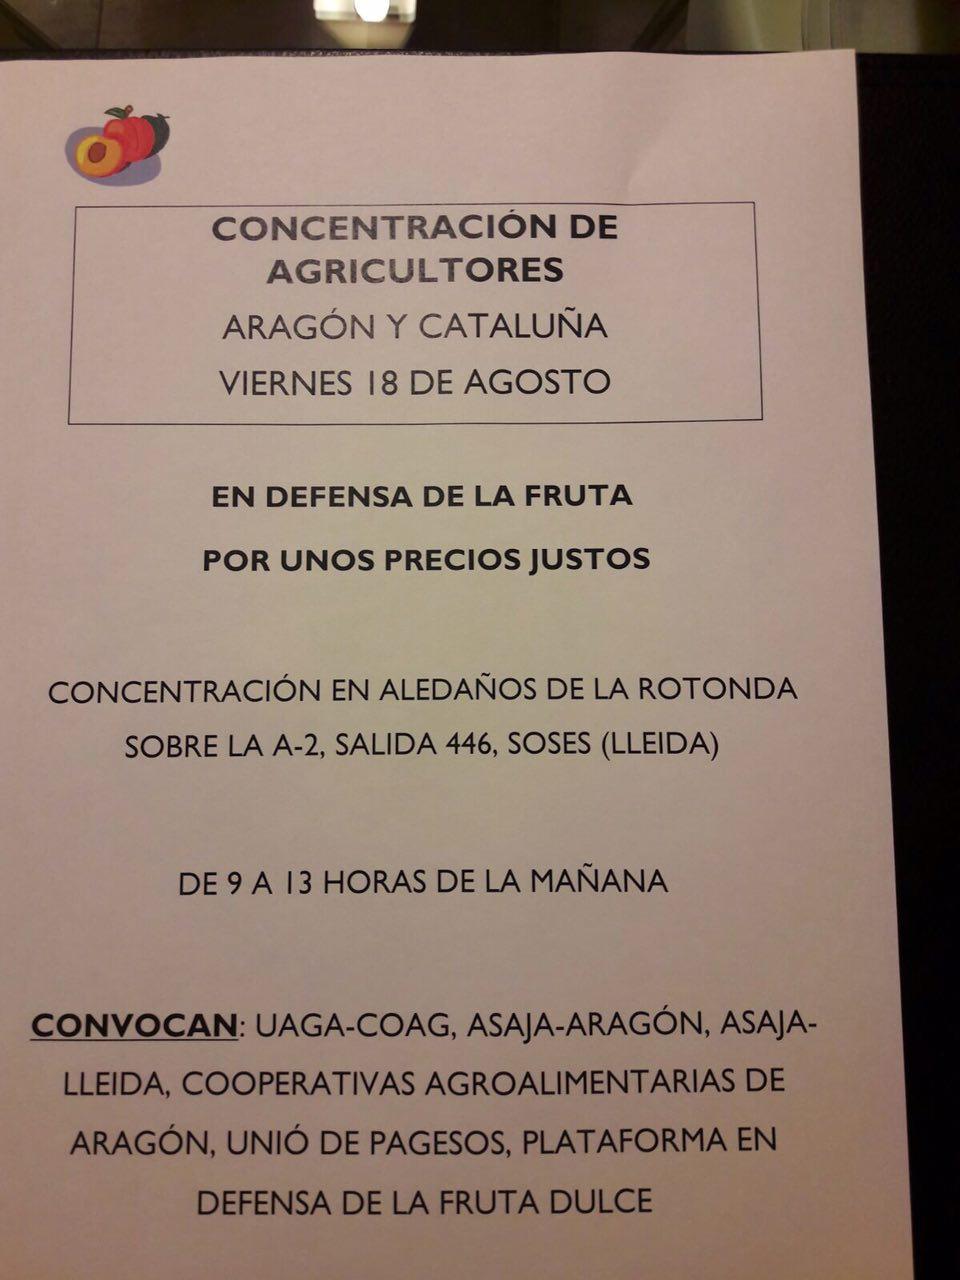 Participamos en las movilizaciones convocadas por sindicatos y cooperativas agrarias ante la crisis de los precios de la fruta